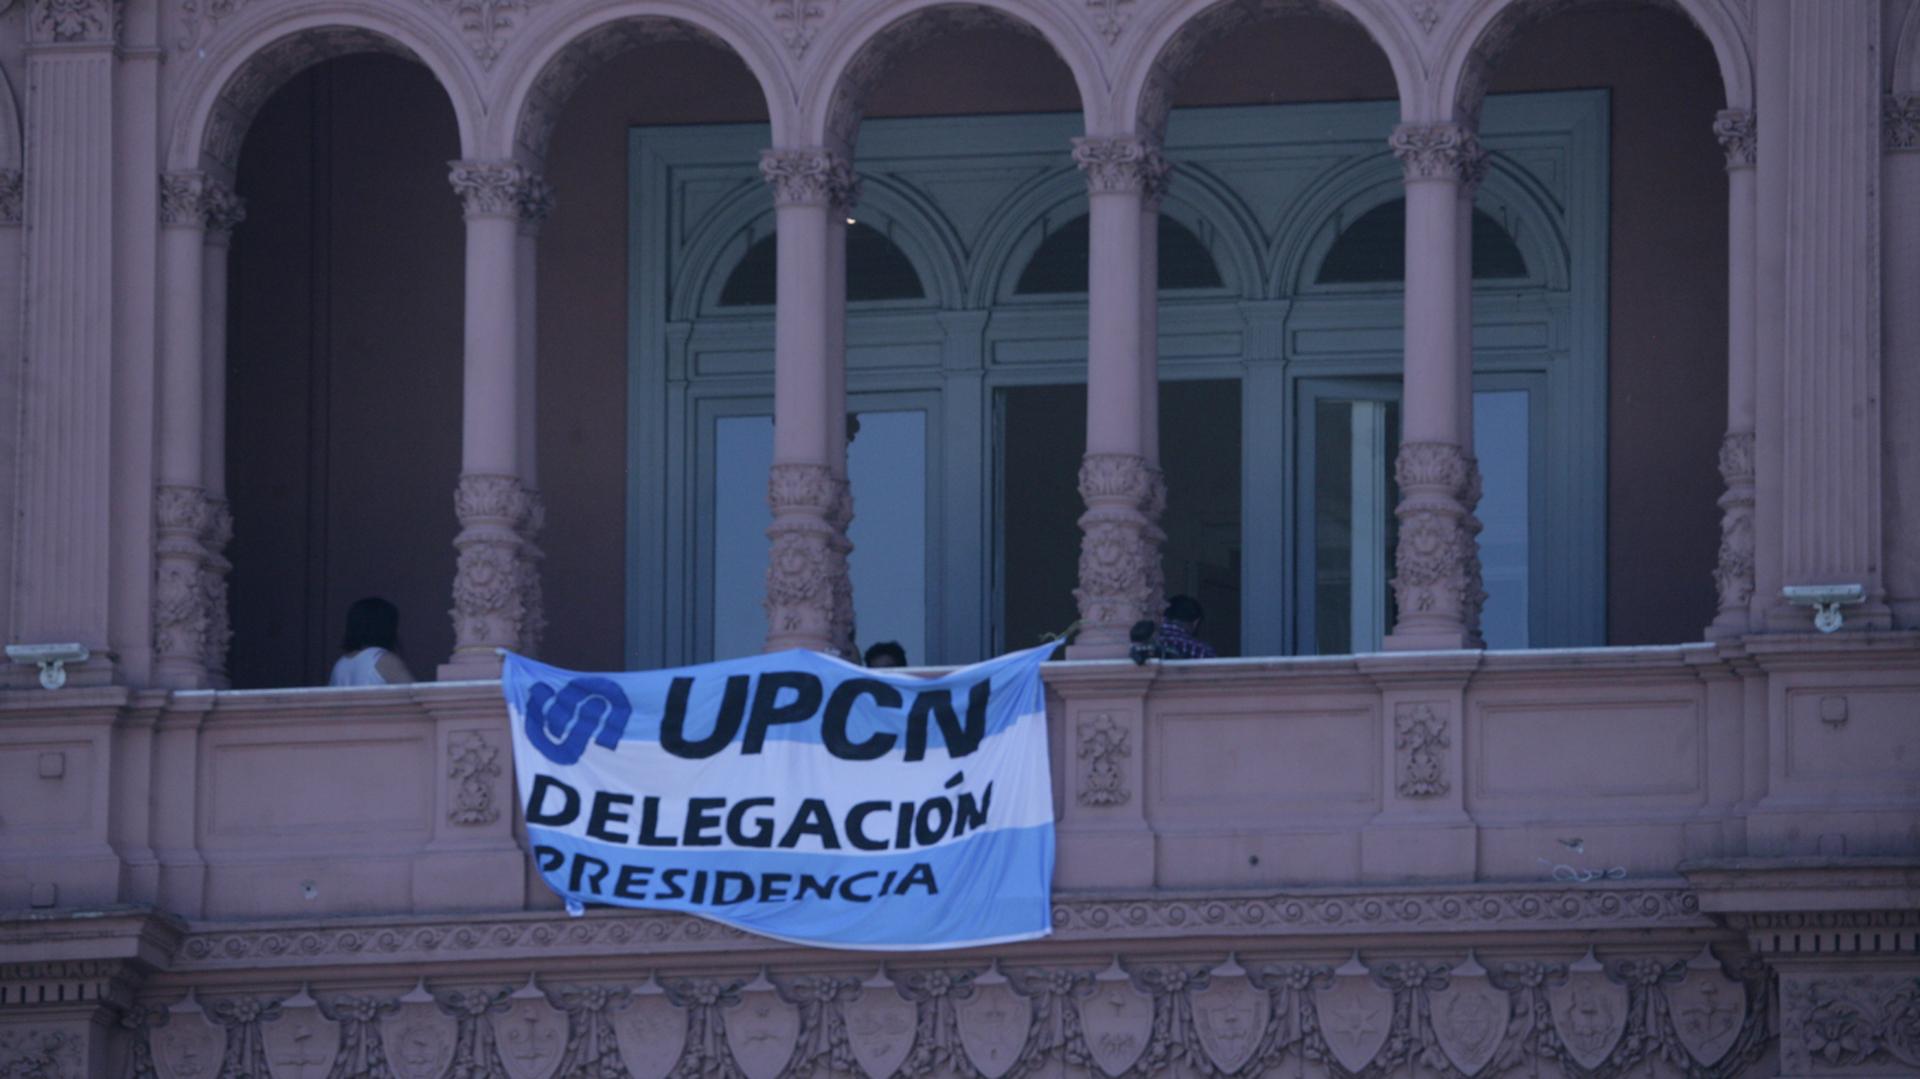 Una bandera celeste y blanca de la delegación del gremio UPCN-Presidencia en uno de los balcones de la Casa Rosada